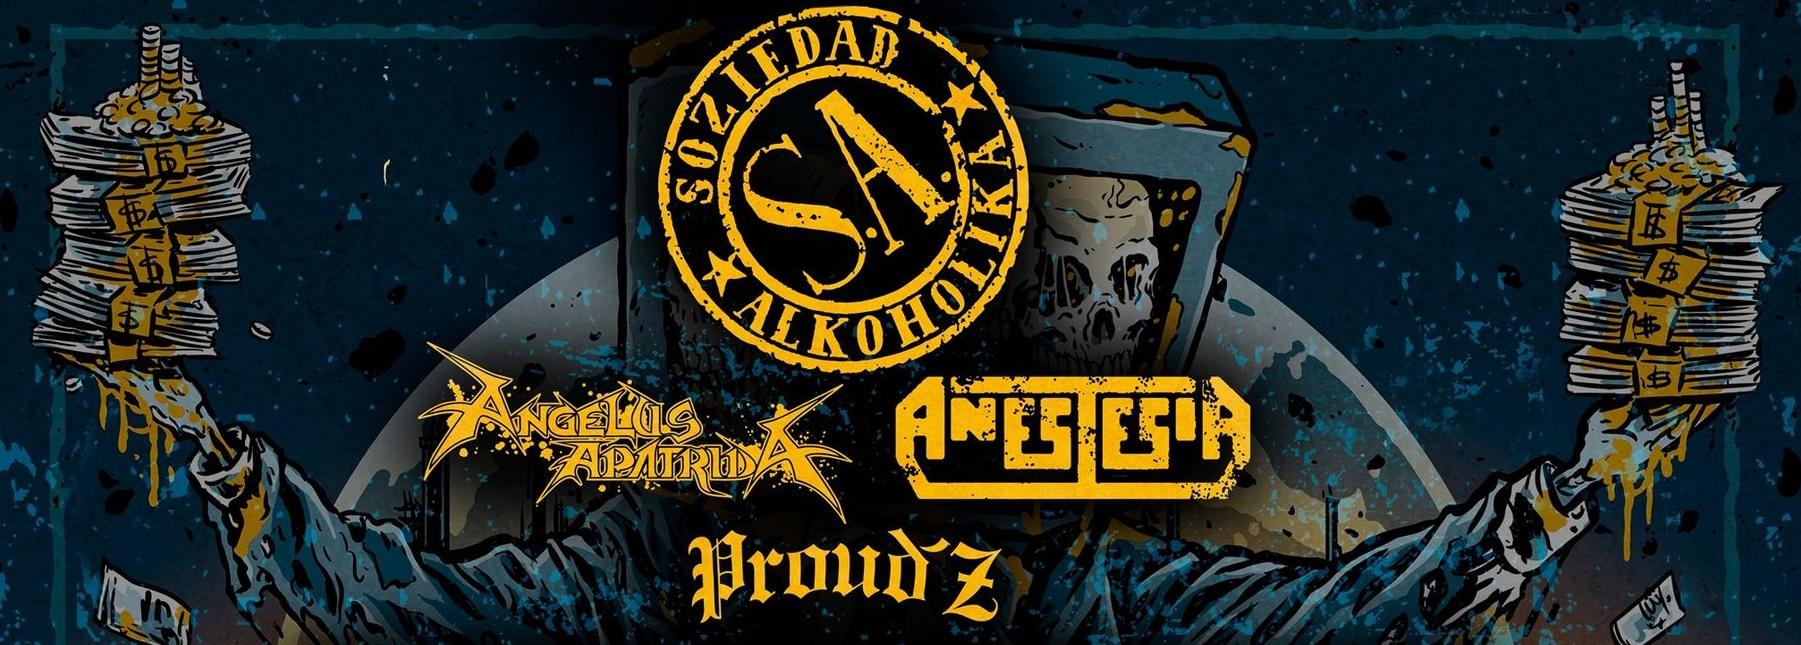 Vitoria reunirá lo mejor del metal y hardcore nacional